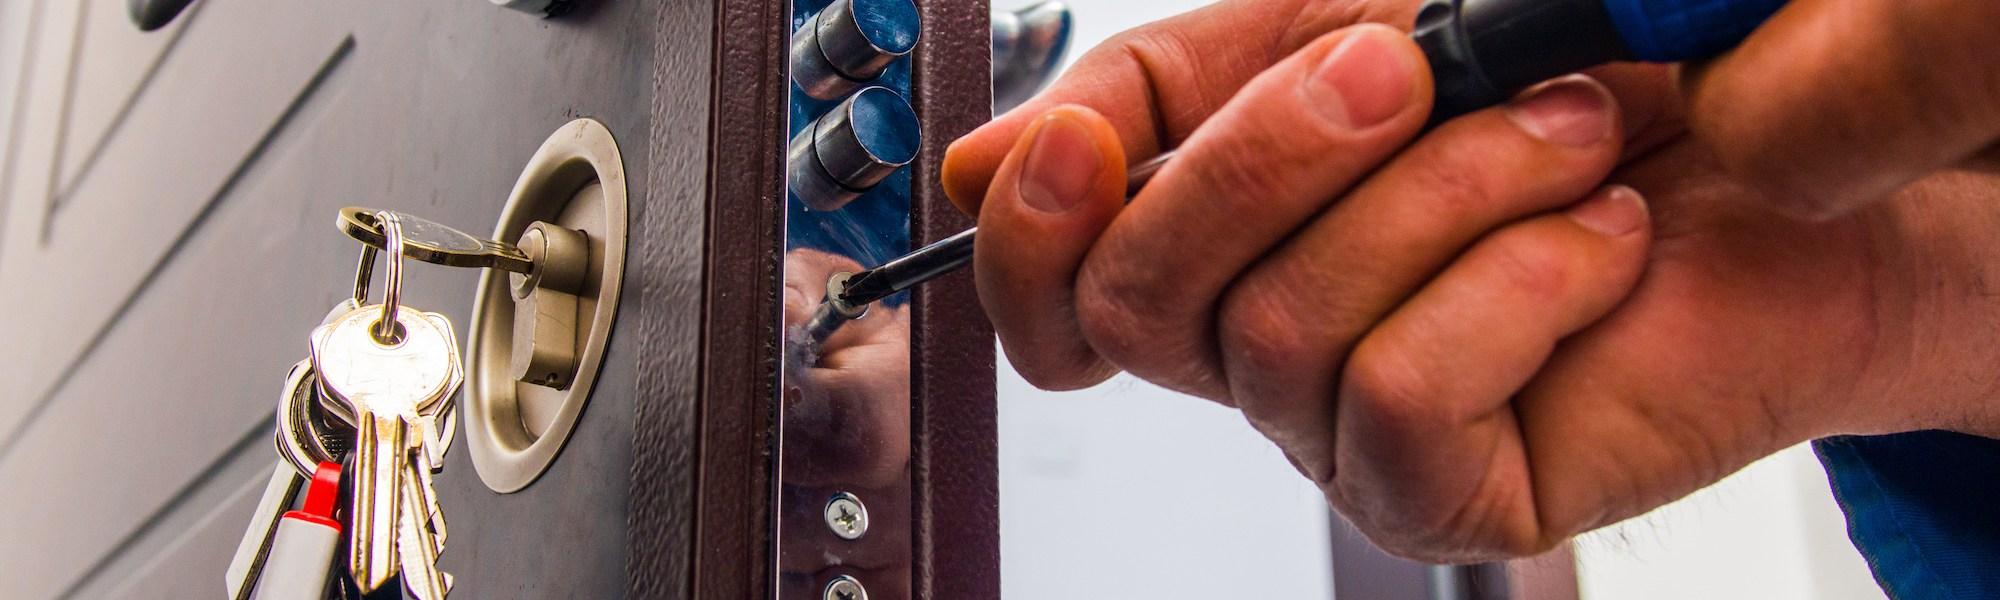 naprawa i serwis drzwi - pomoc Włamywacza